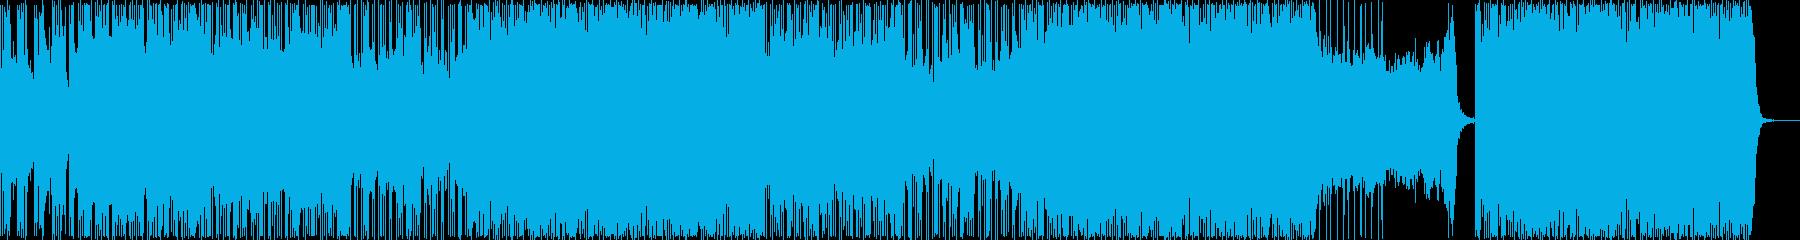 キラキラ/リラックス/ポップ/808の再生済みの波形